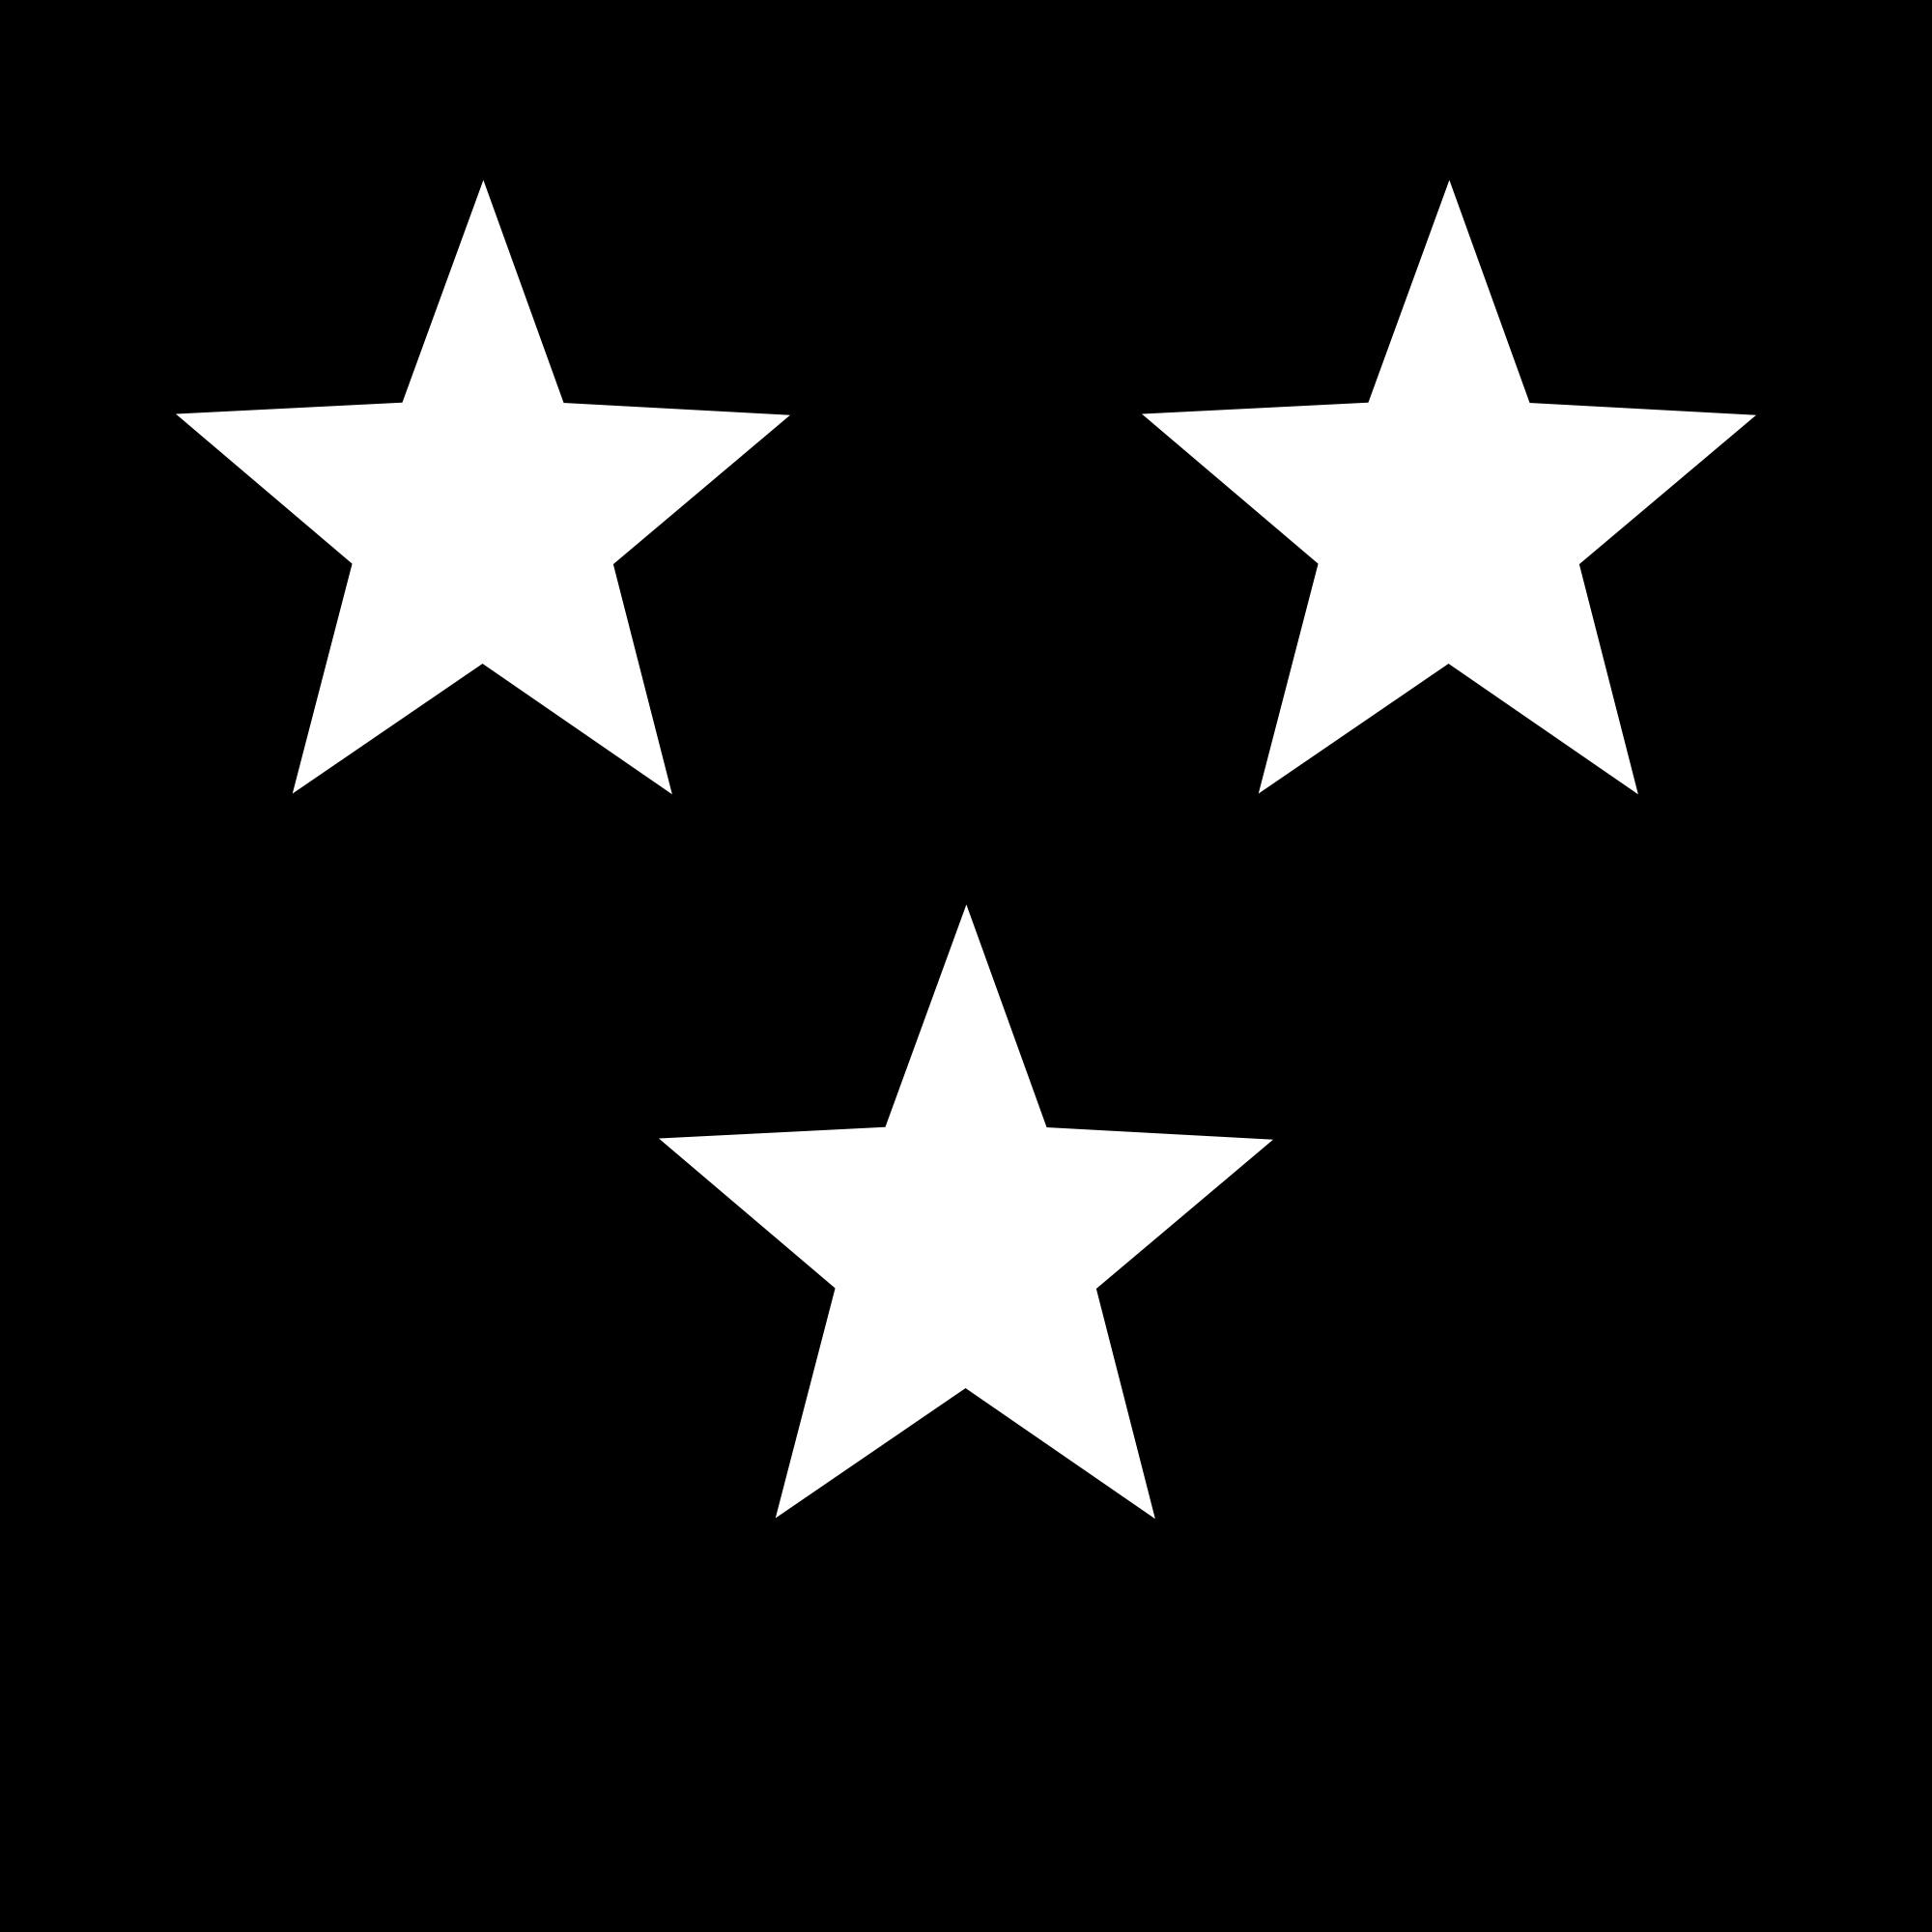 2000x2000 White Stars